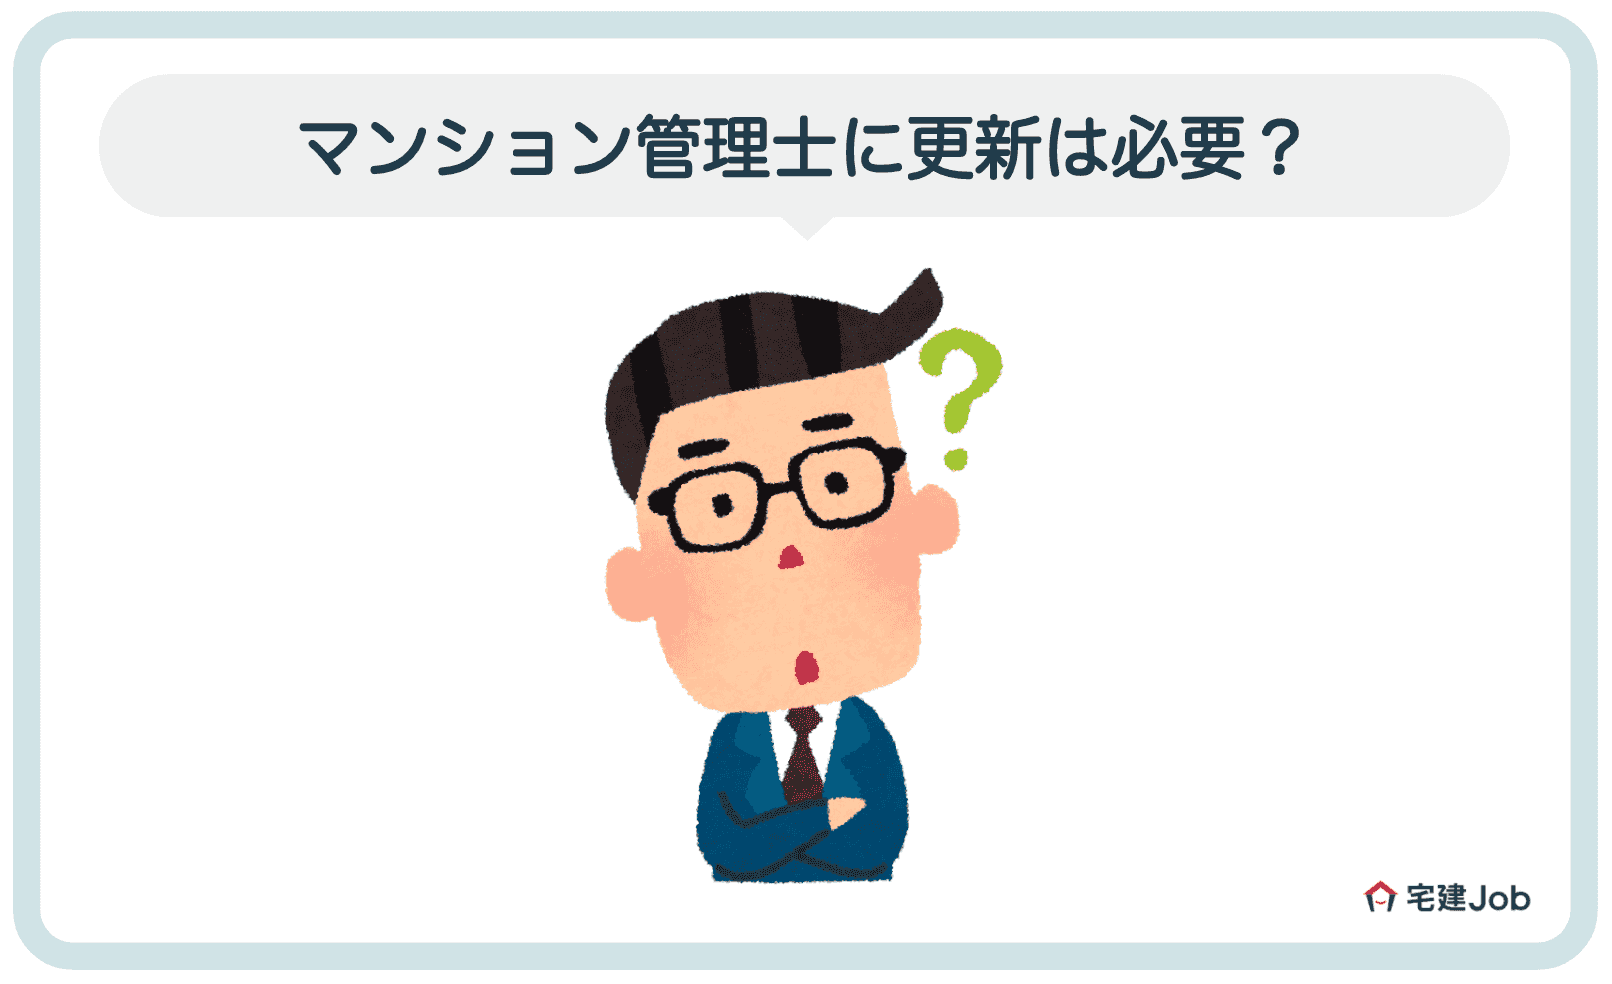 1.マンション管理士の資格に更新は必要?【有効期限は5年】